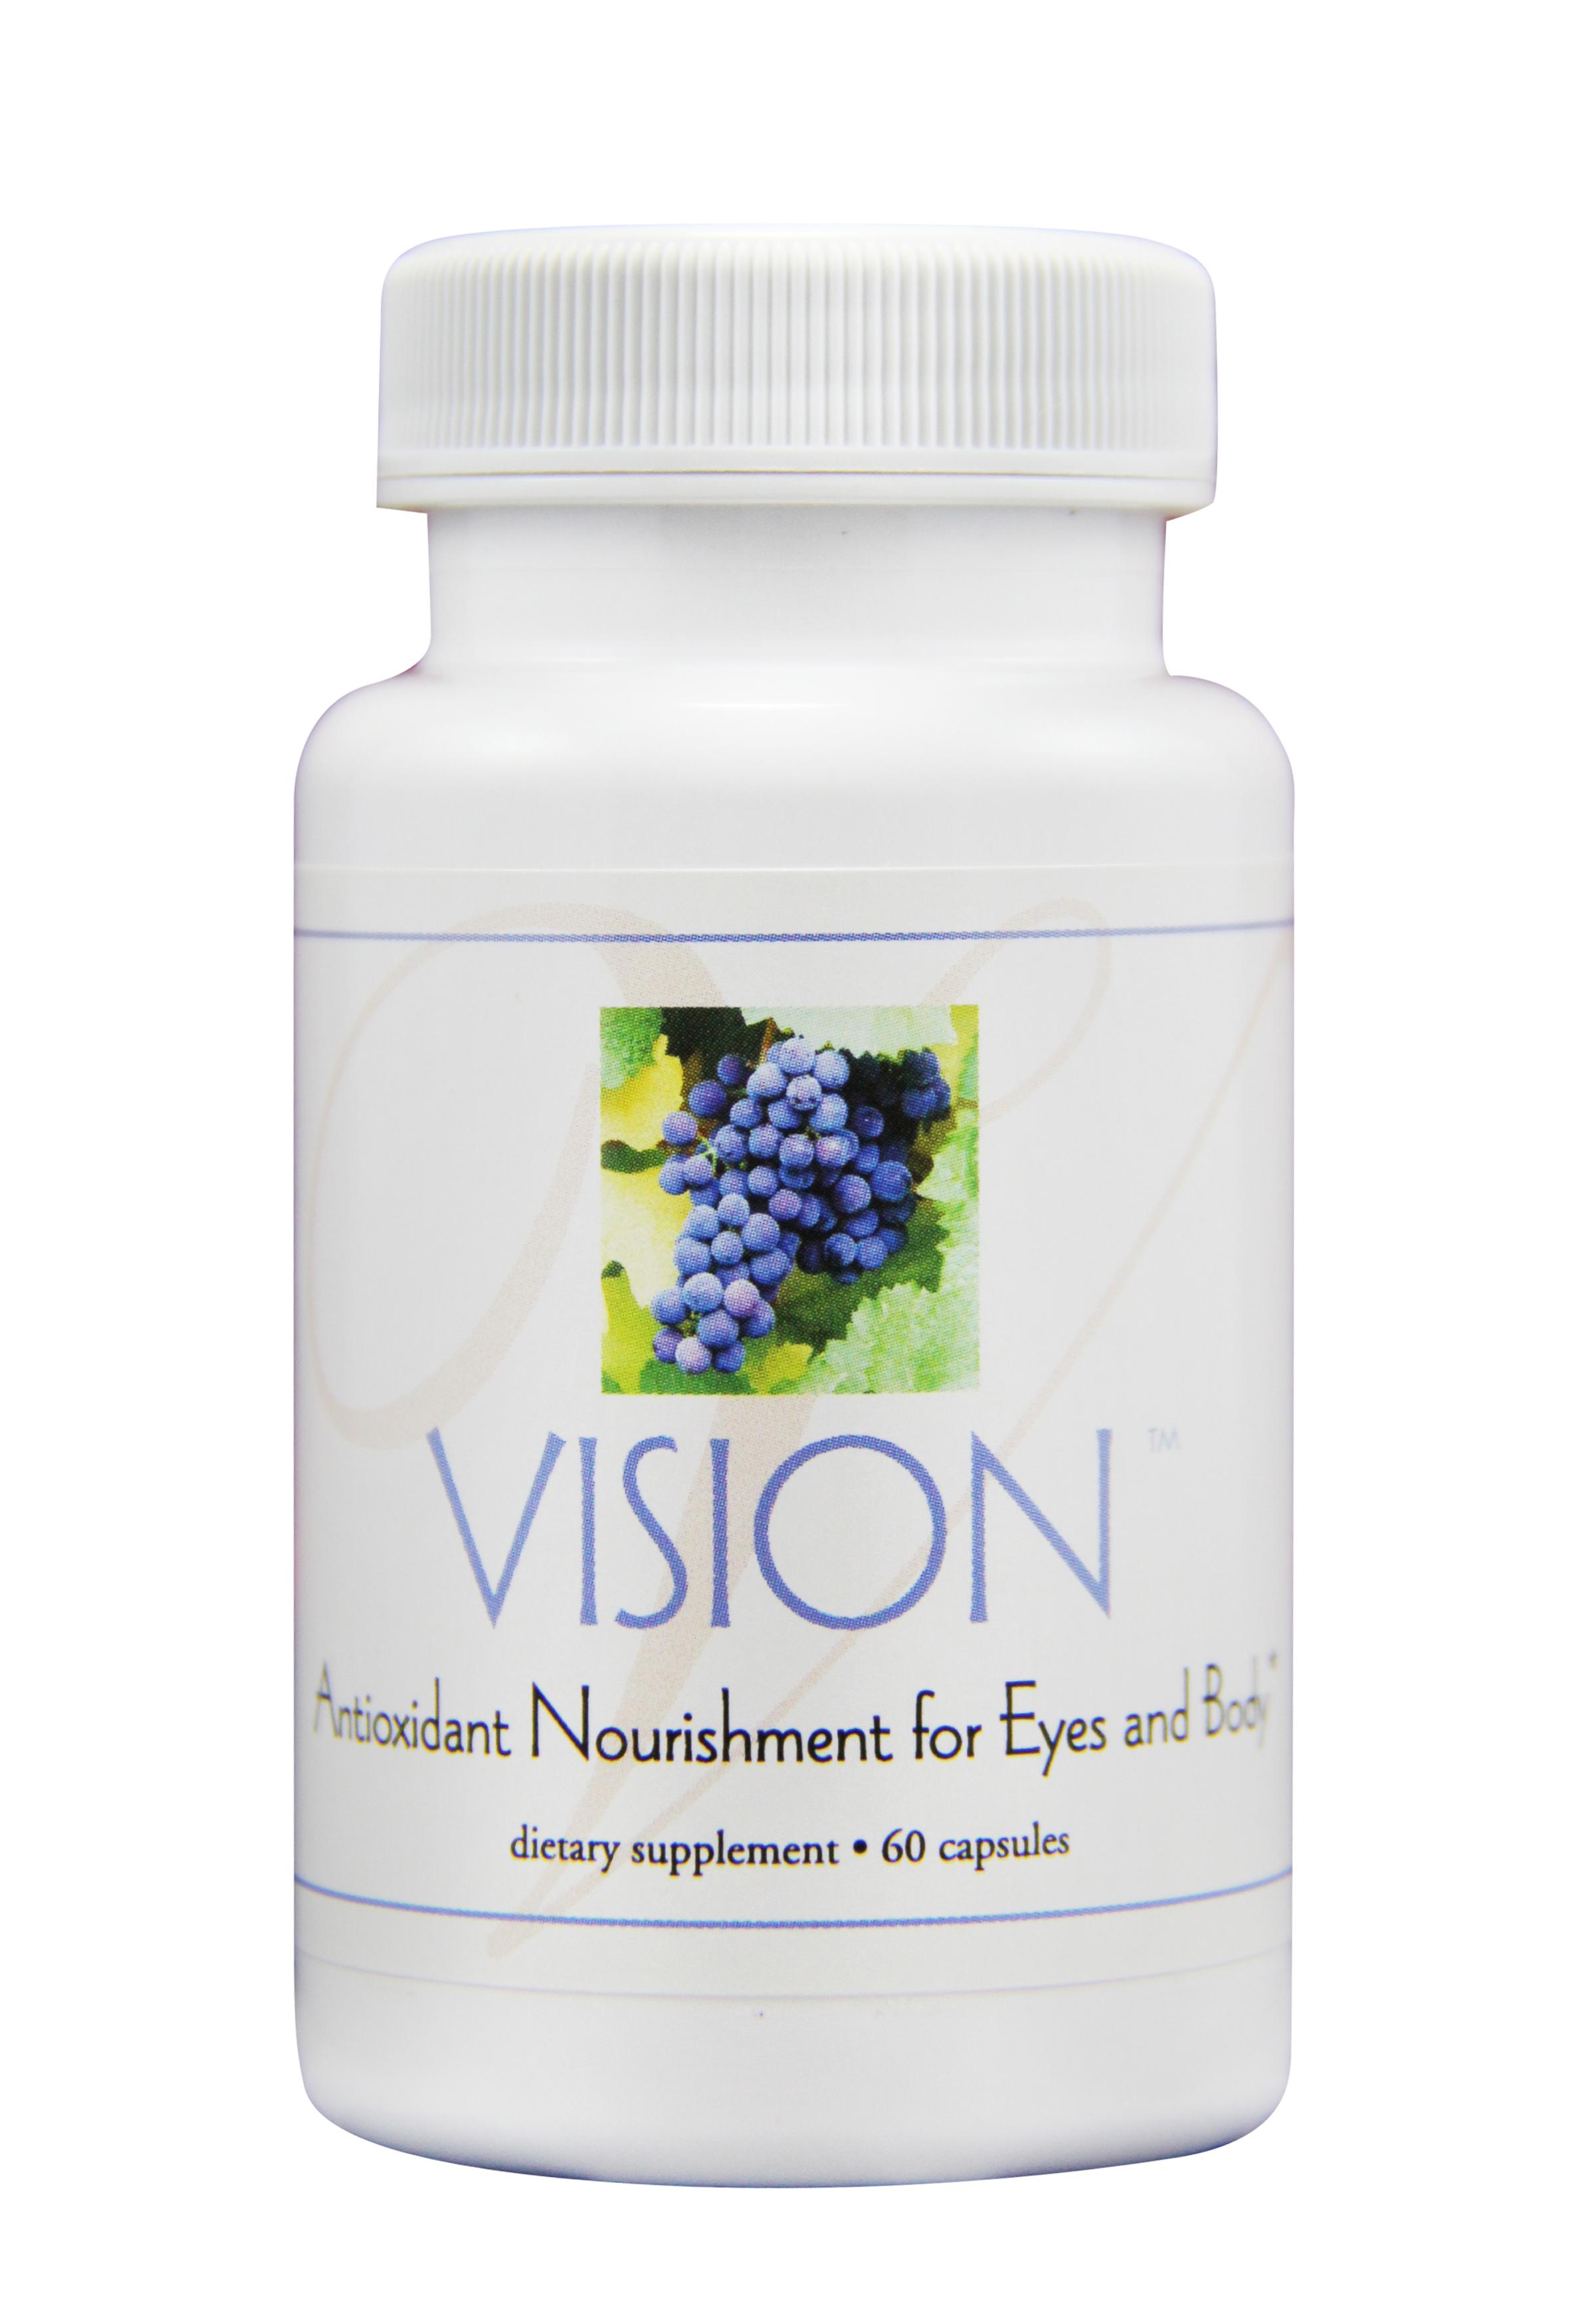 「視景」 - 維護眼睛的健康。*